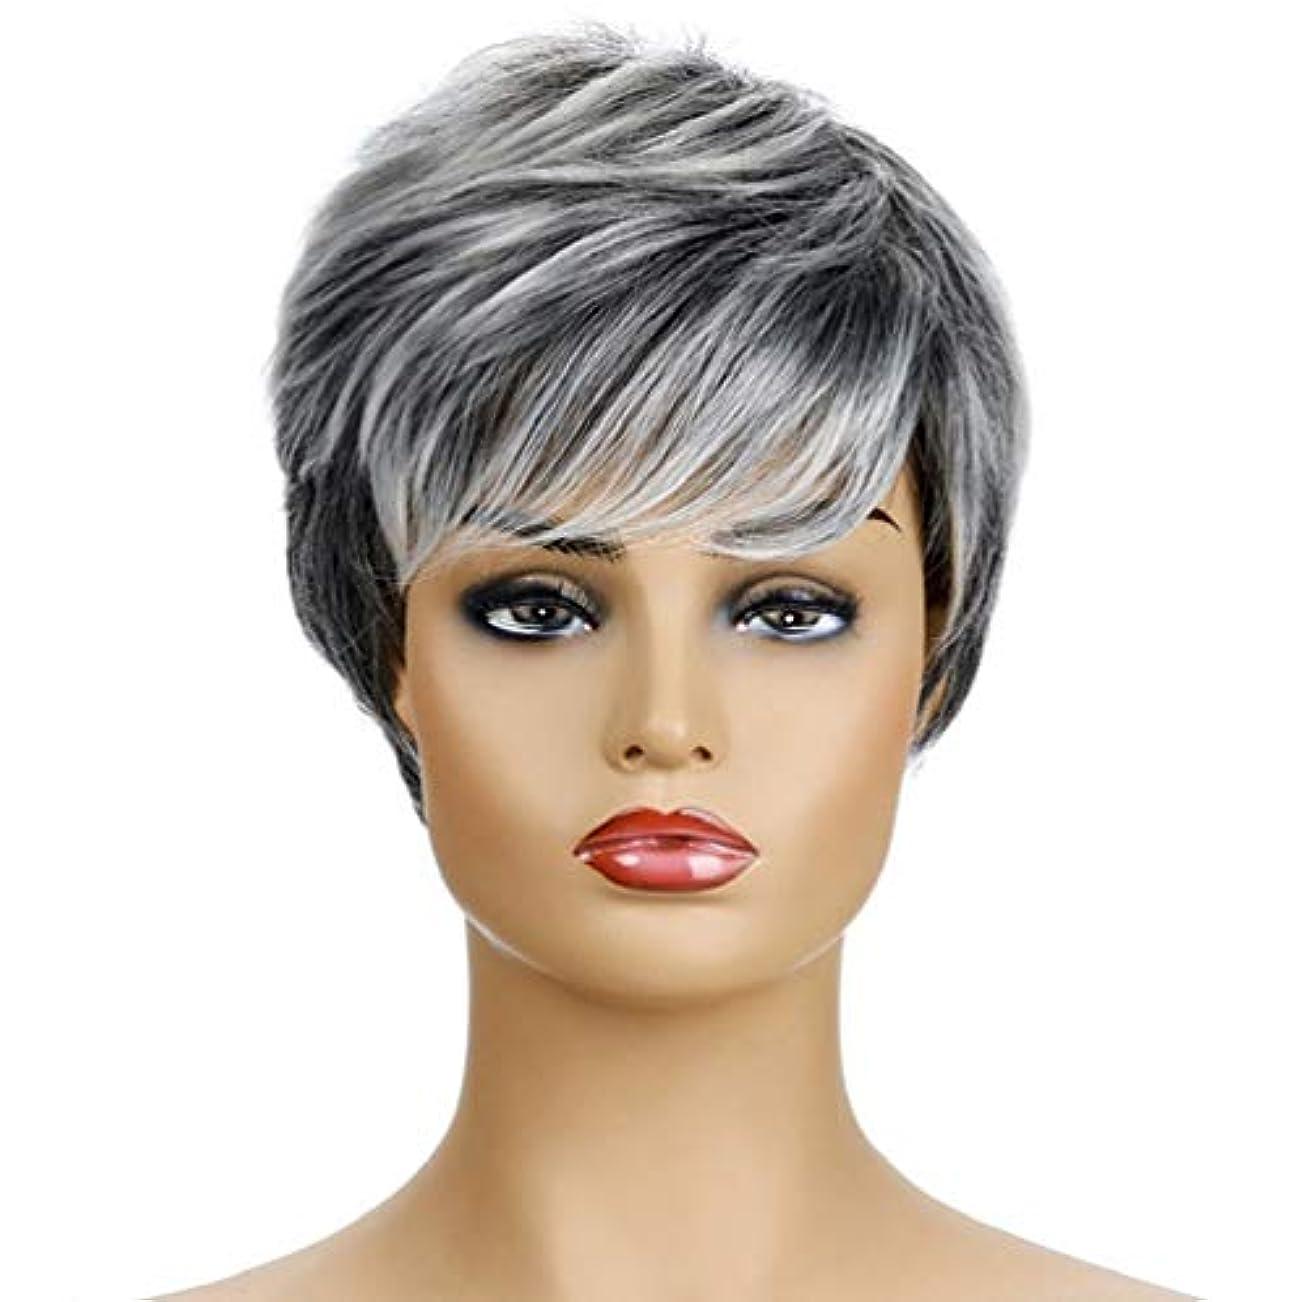 作曲する欺ガイド女性150%密度かつら合成耐熱ショートブラジル人毛ウィッグ黒グラデーショングレー25センチ